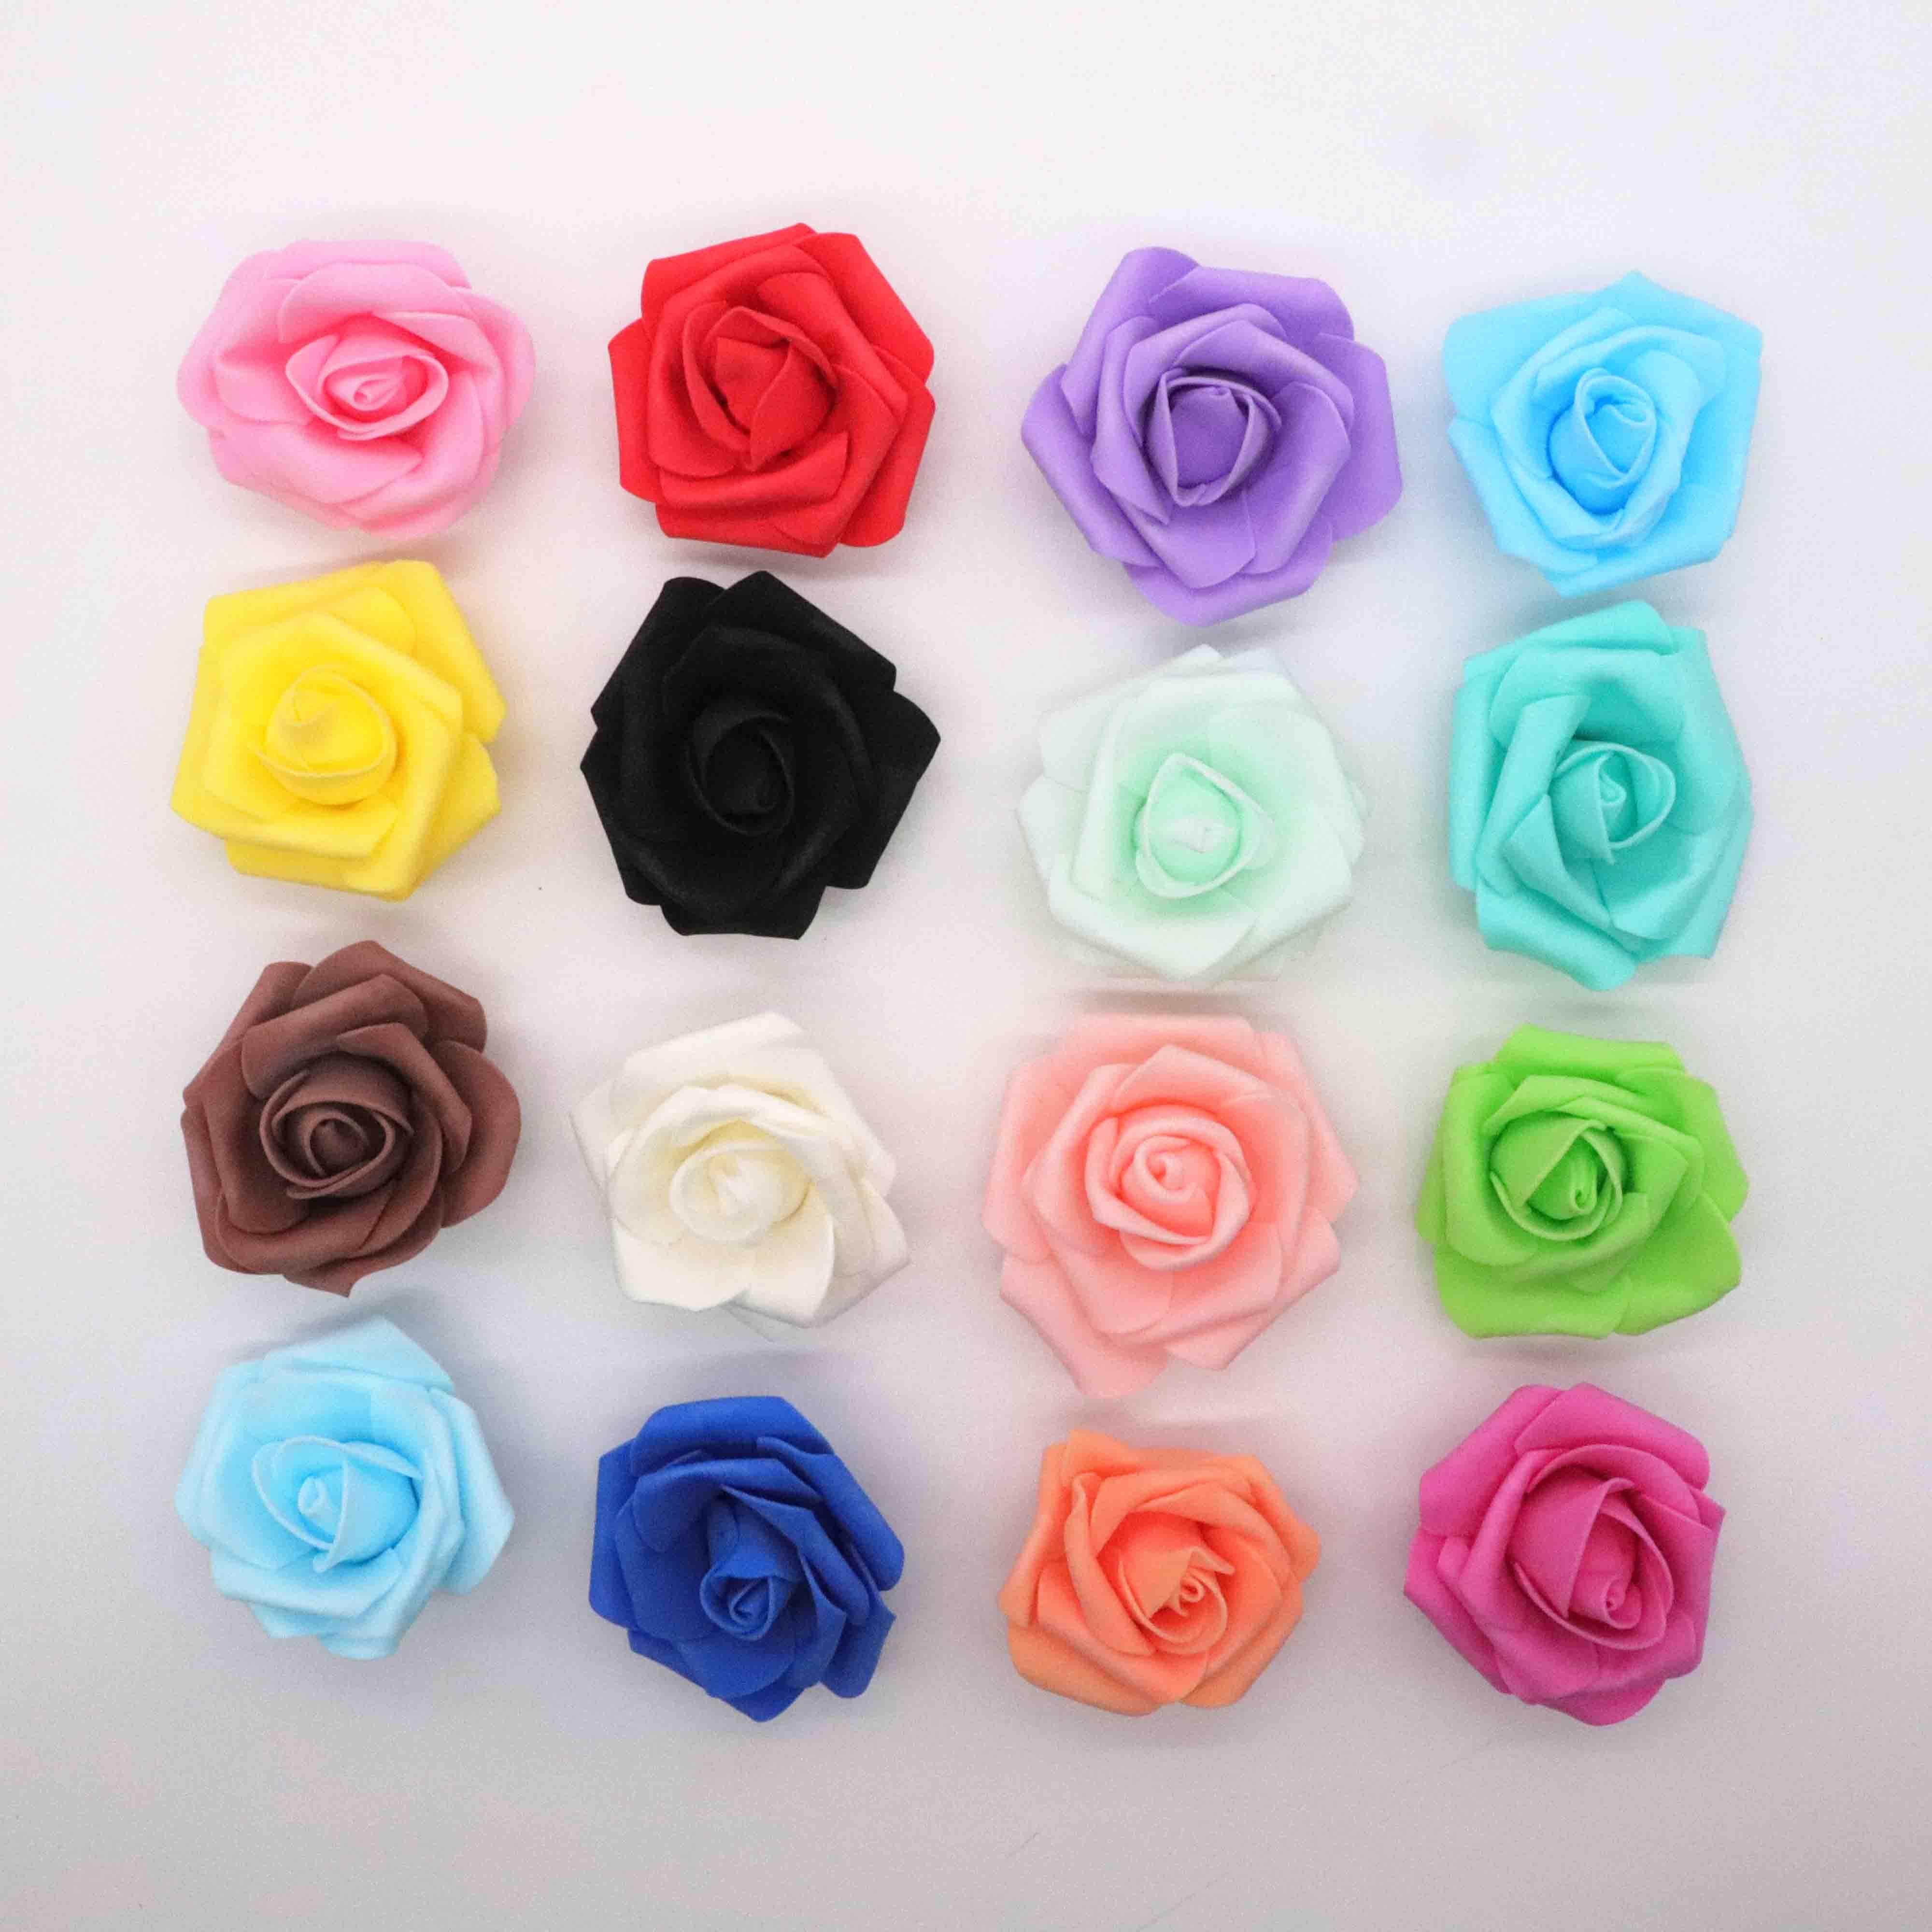 4 см 30 шт/партия Большой ПЭ пена Искусственный цветок розы голова дома Свадебные украшения DIY Скрапбукинг венок поддельная декоративная роза